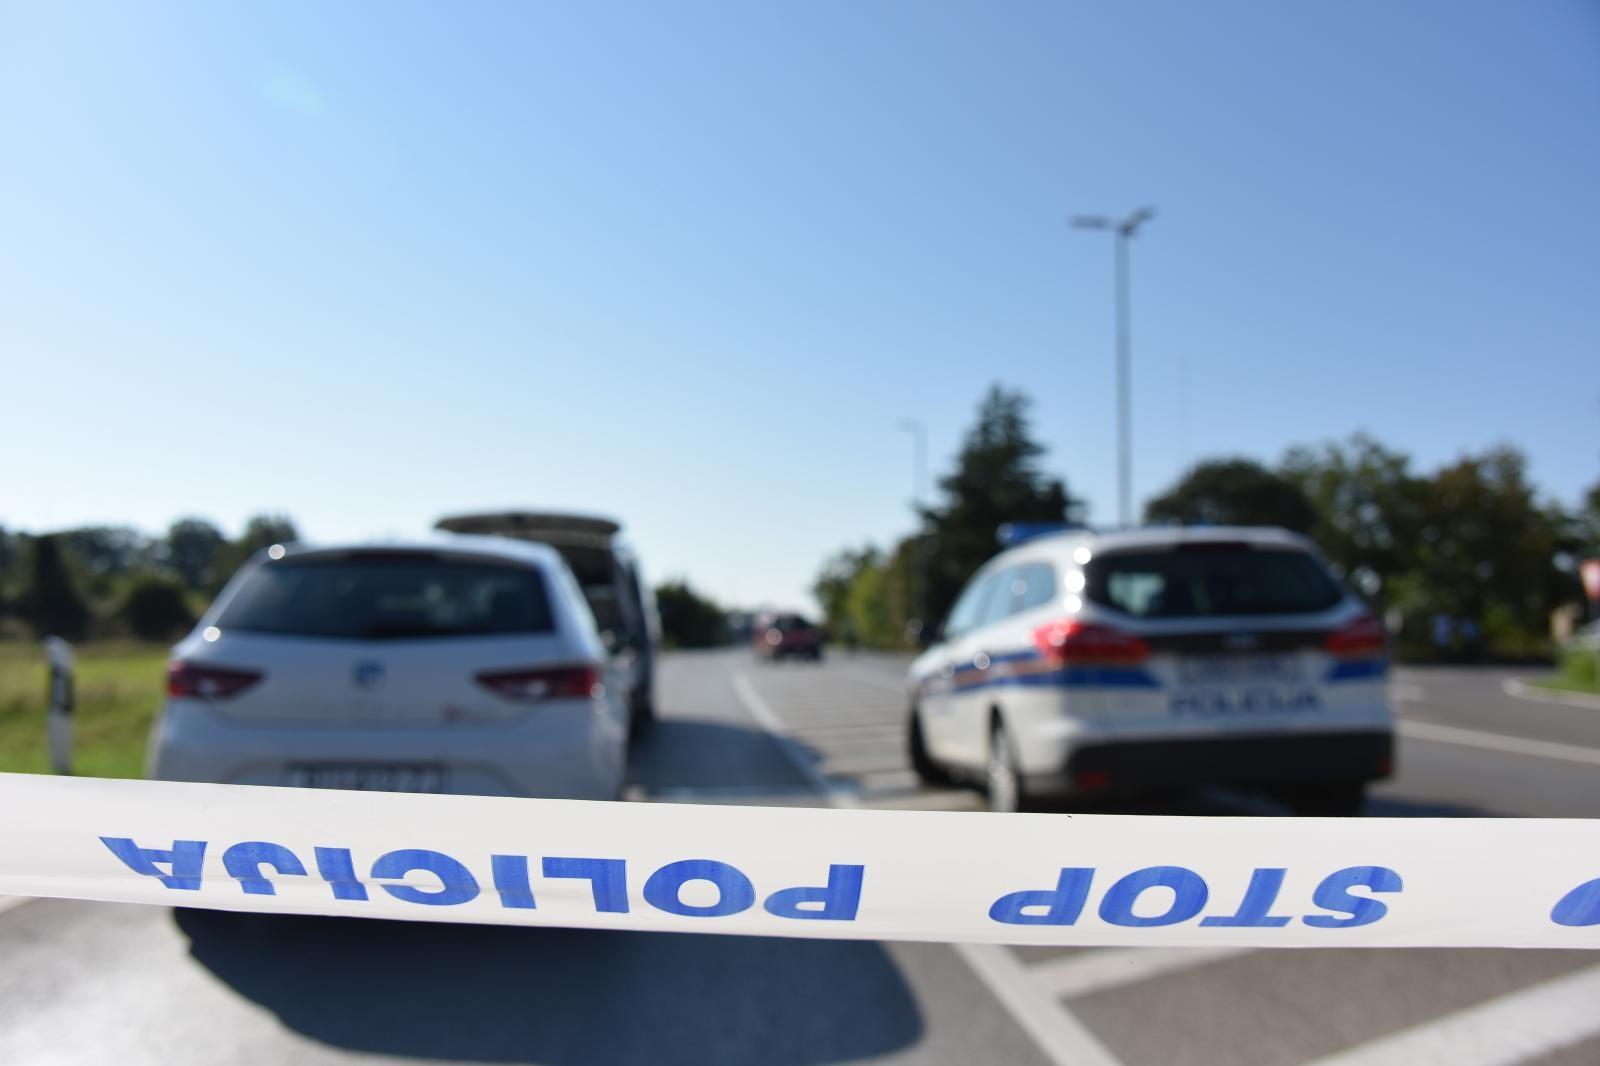 Jedan policajac poginuo, drugi ozlijeđen u teškoj prometnoj nesreći u Baranji